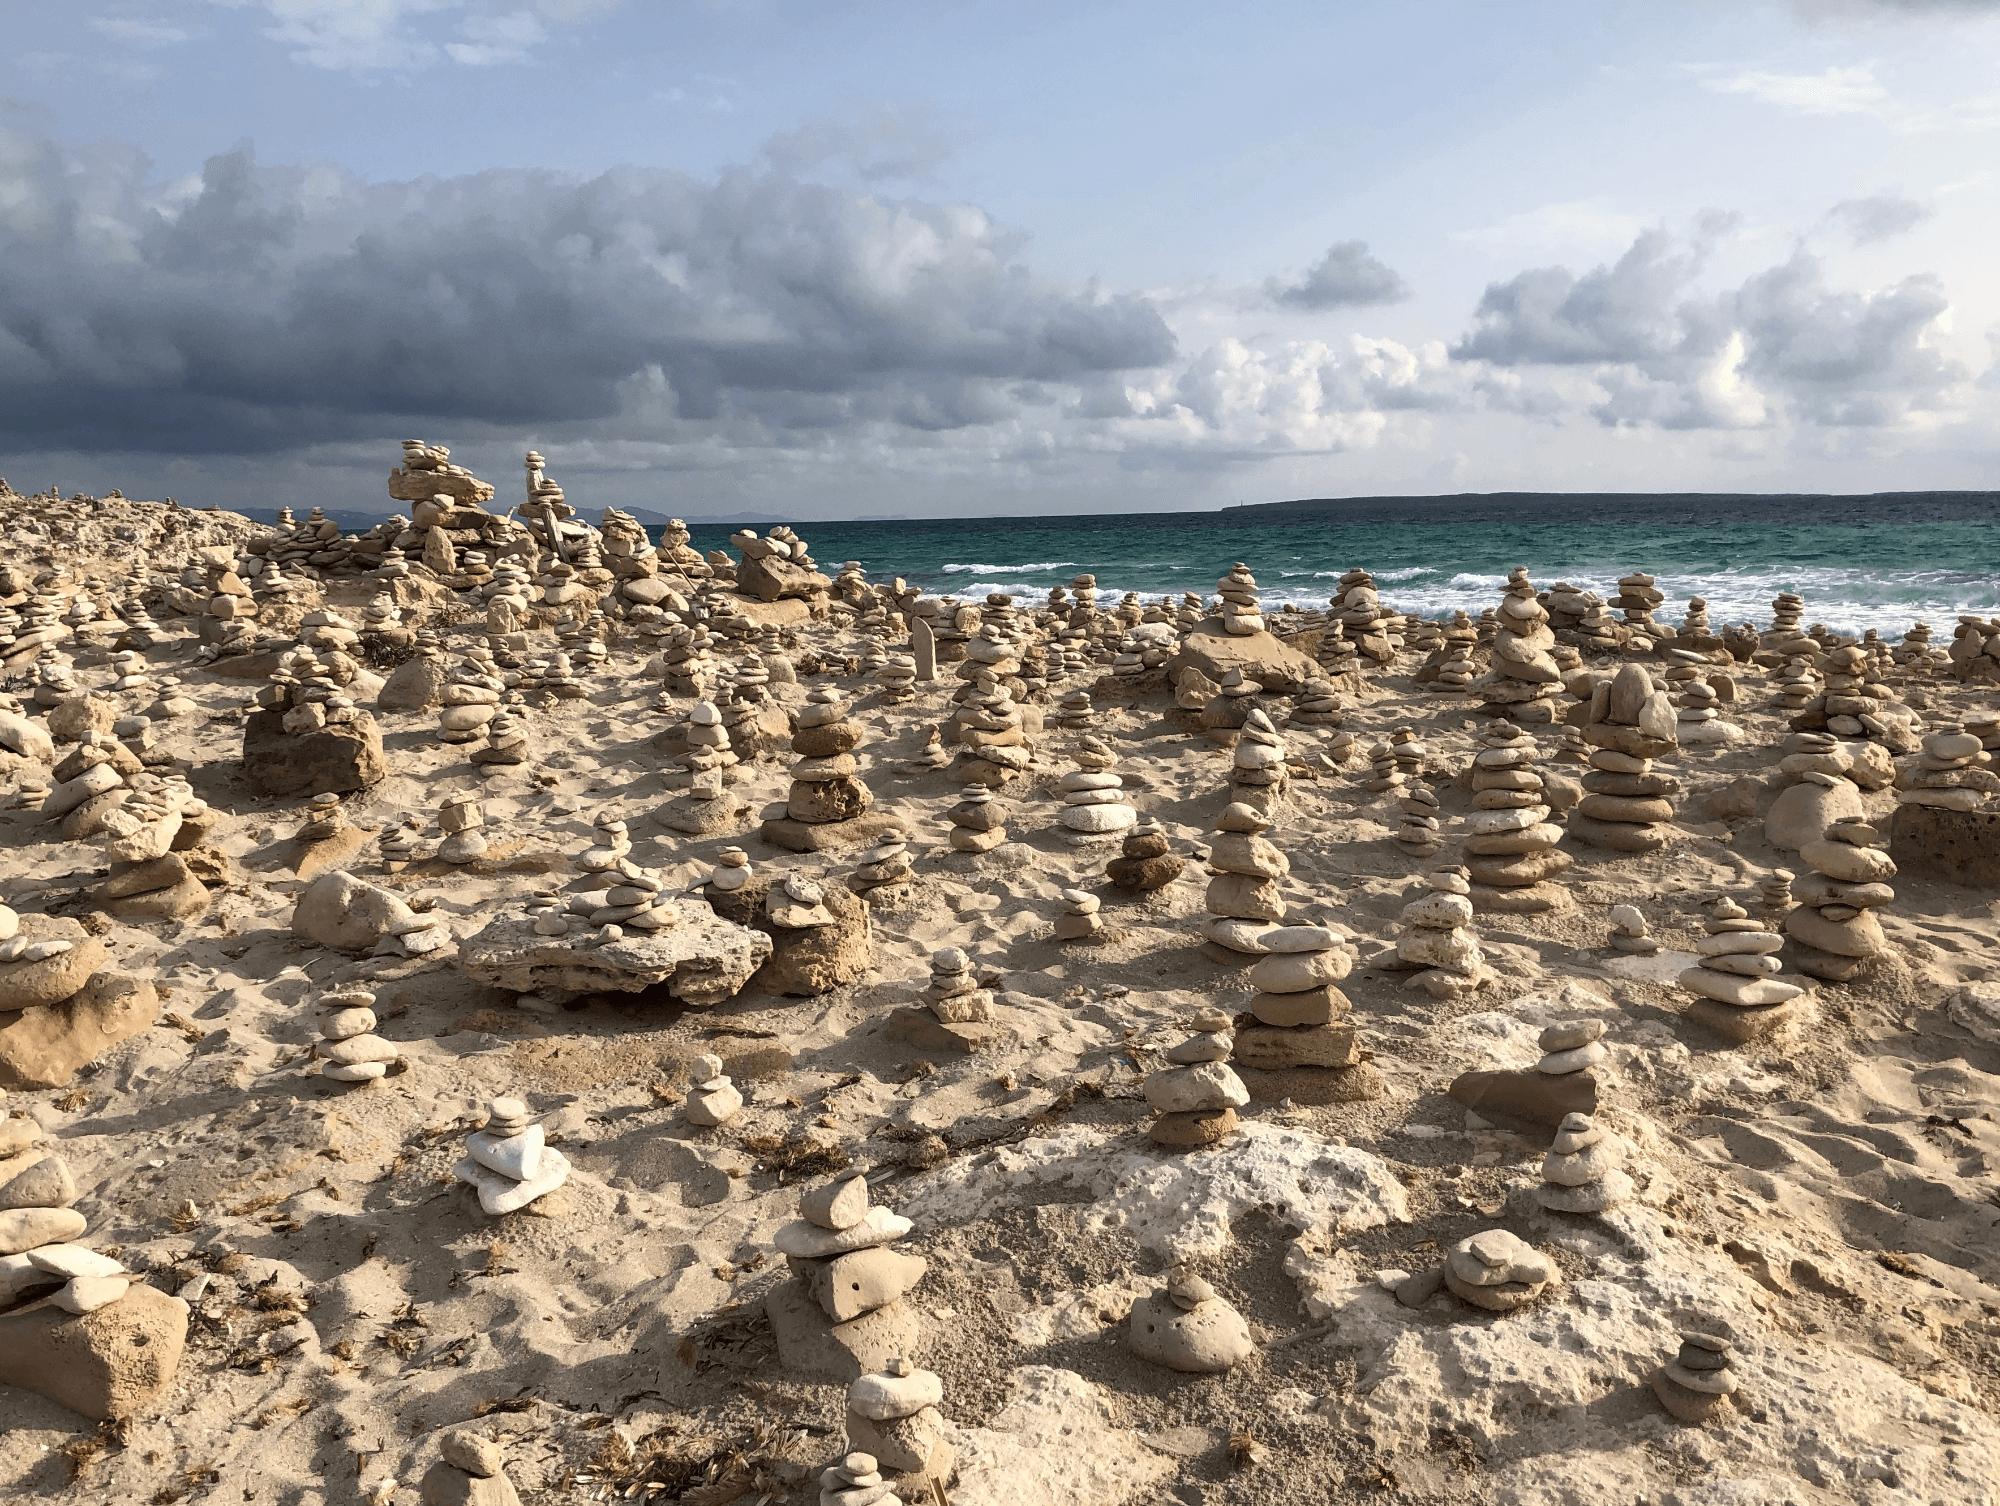 I piccoli dolmen lungo la passeggiata verso Espalmador